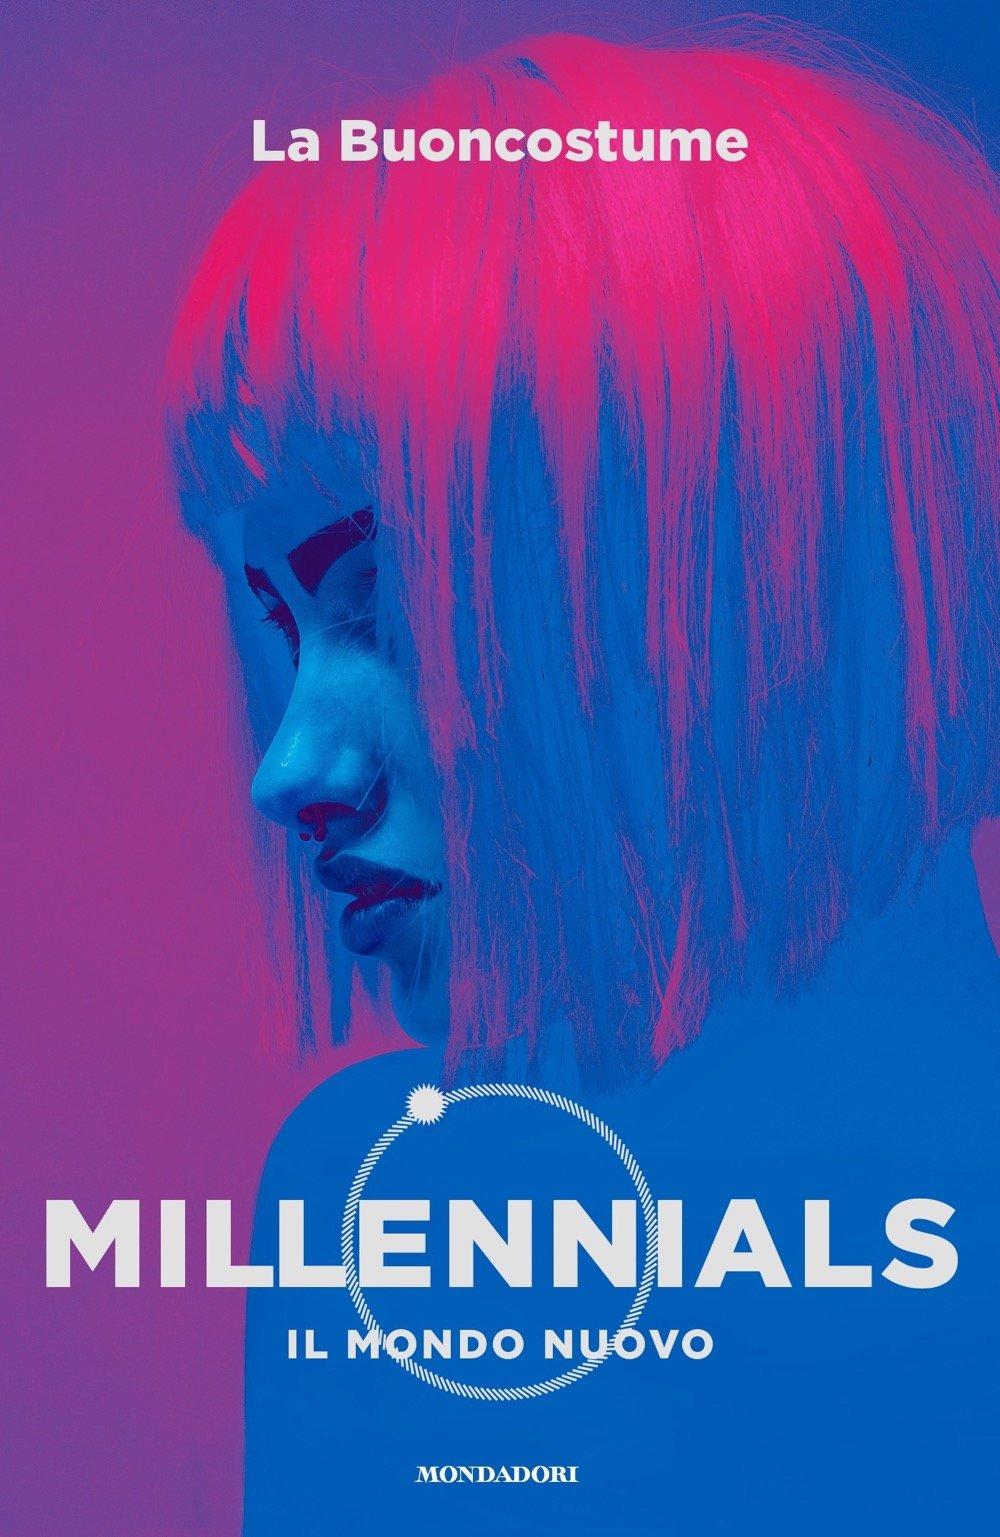 Millennials: Il mondo nuovo – La Buoncostume